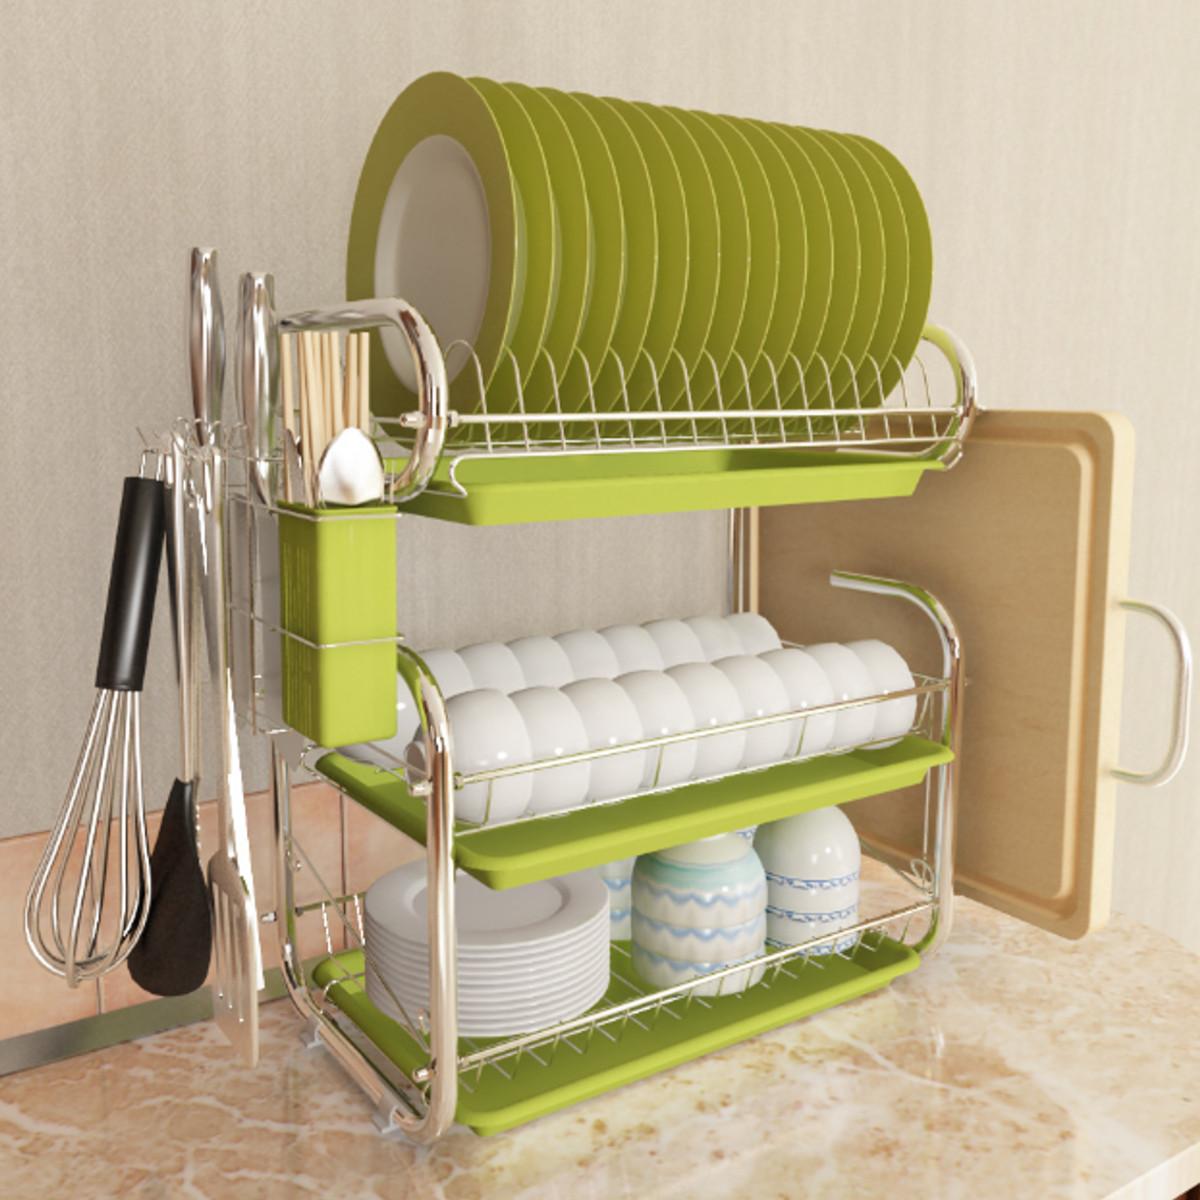 12 Desain Rak Piring Kitchen Set Kekinian - Karadecora.com